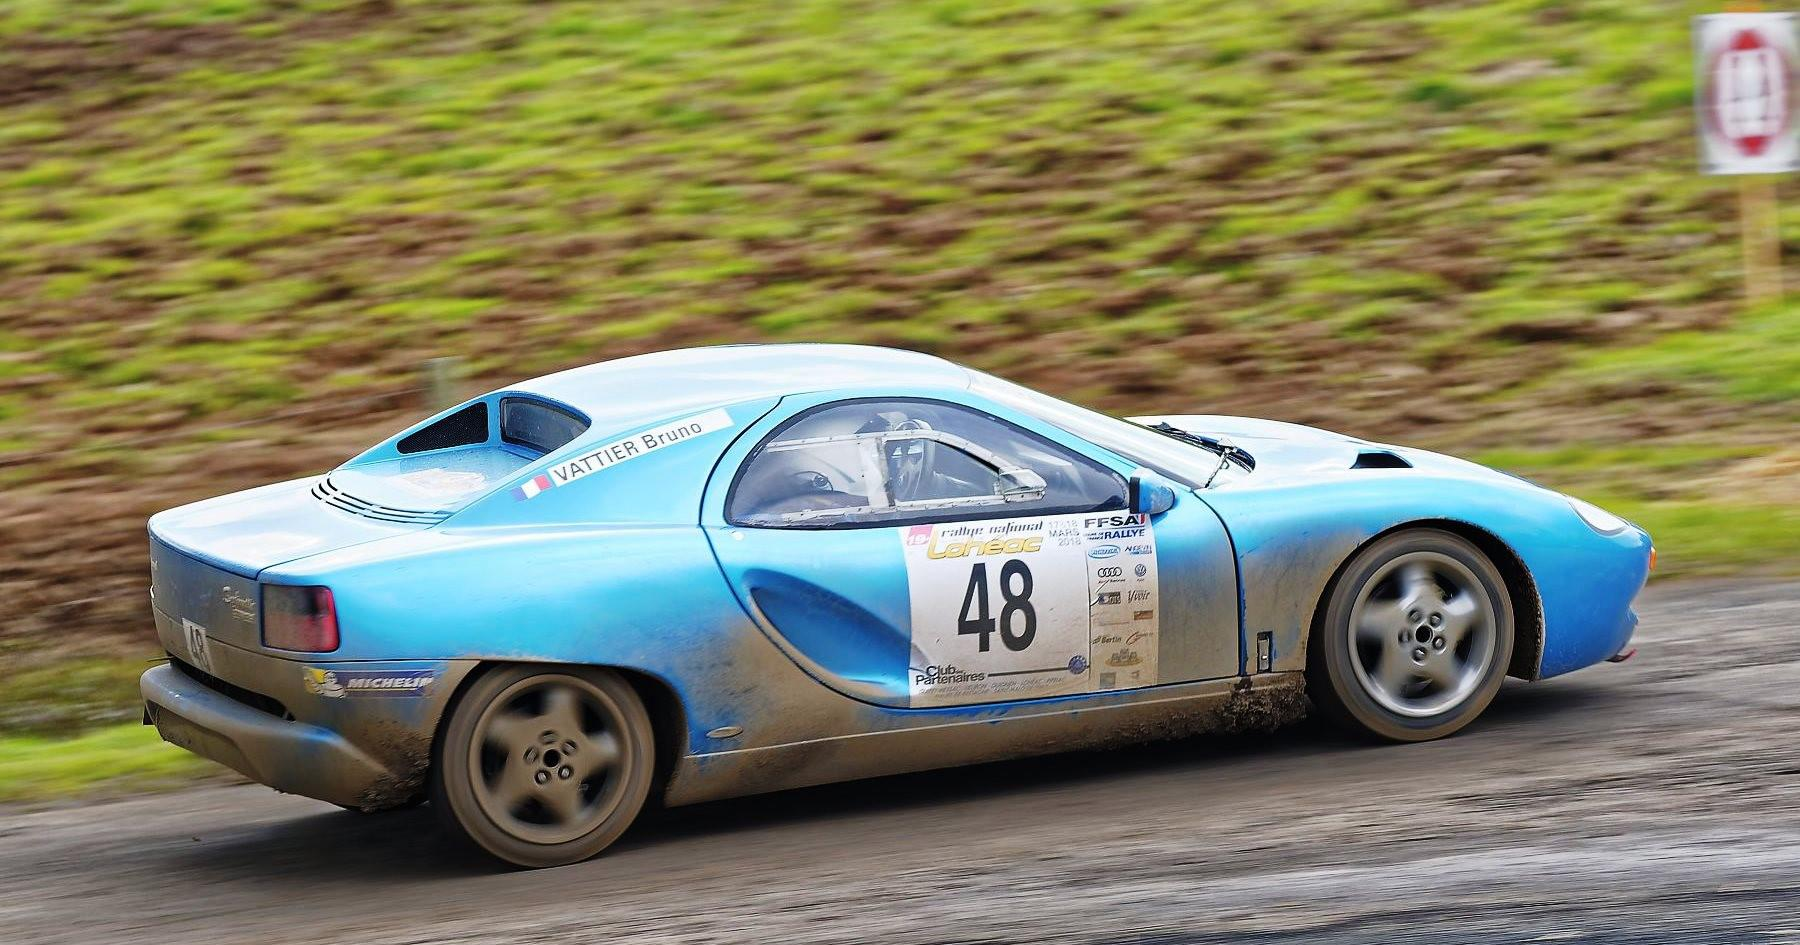 voitures-de-sports-qui-auront-25-ans-aujourd-hui-1269-52.jpg